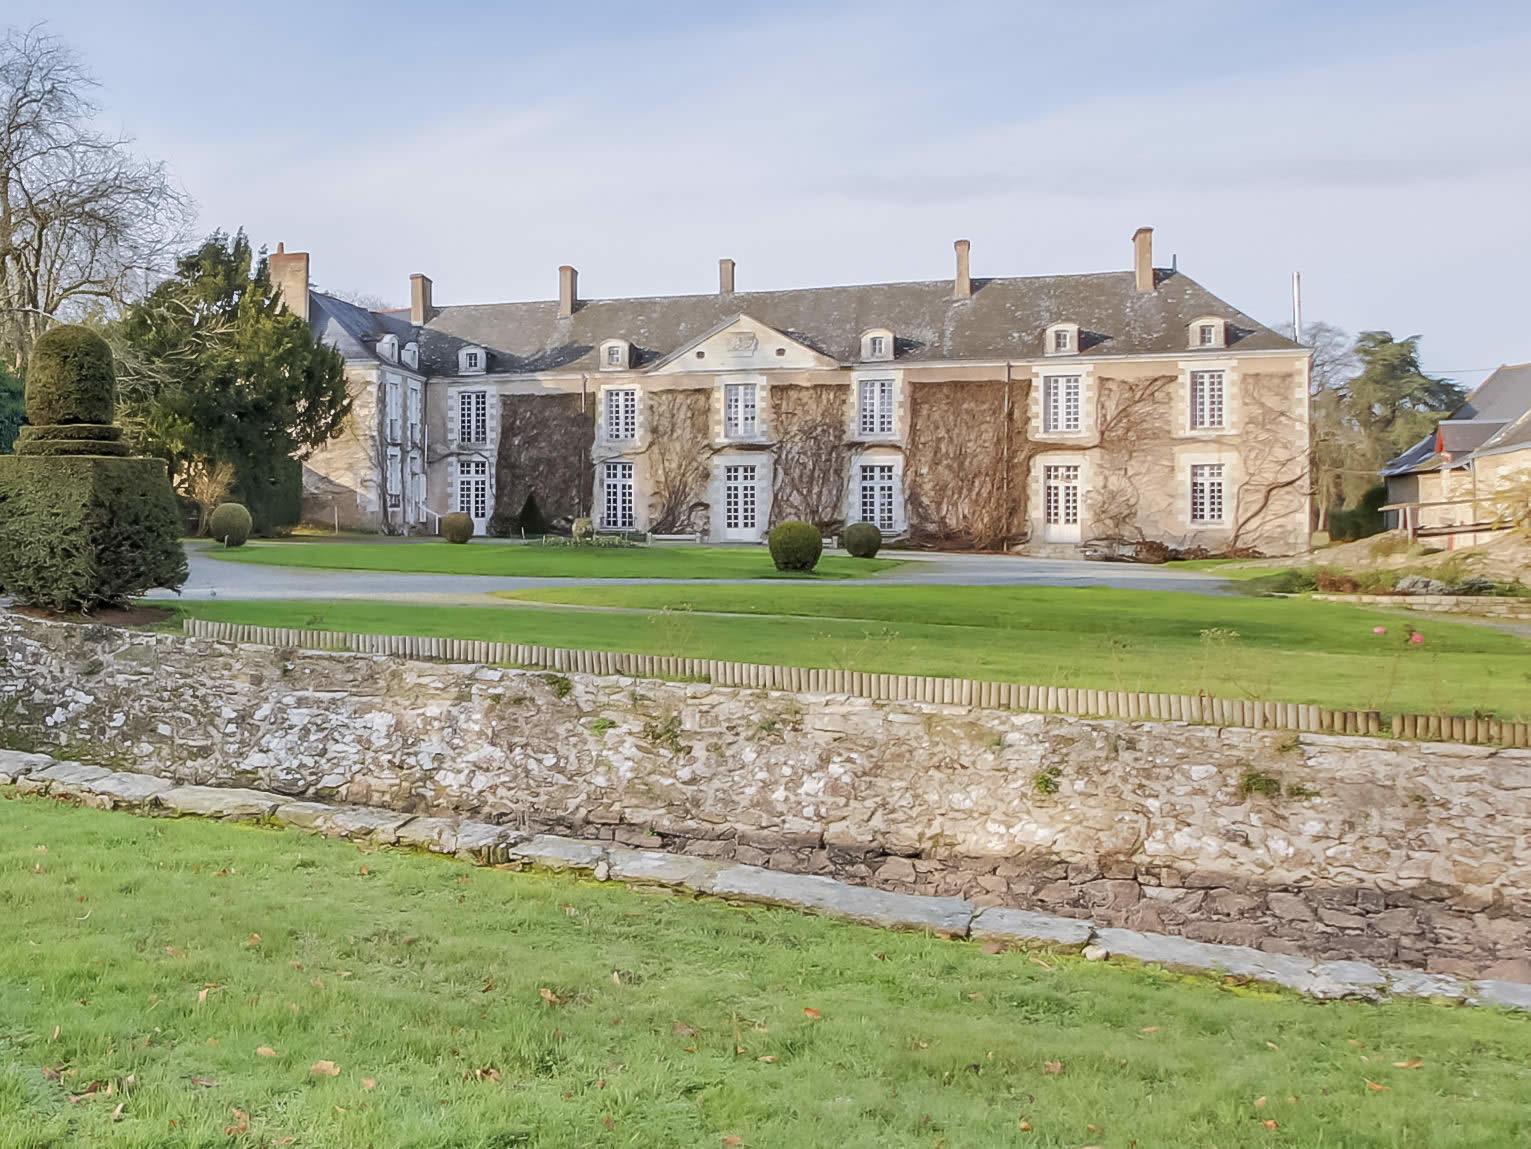 chateau-a-vendre-9-chambres-terrain-logis-chapelle